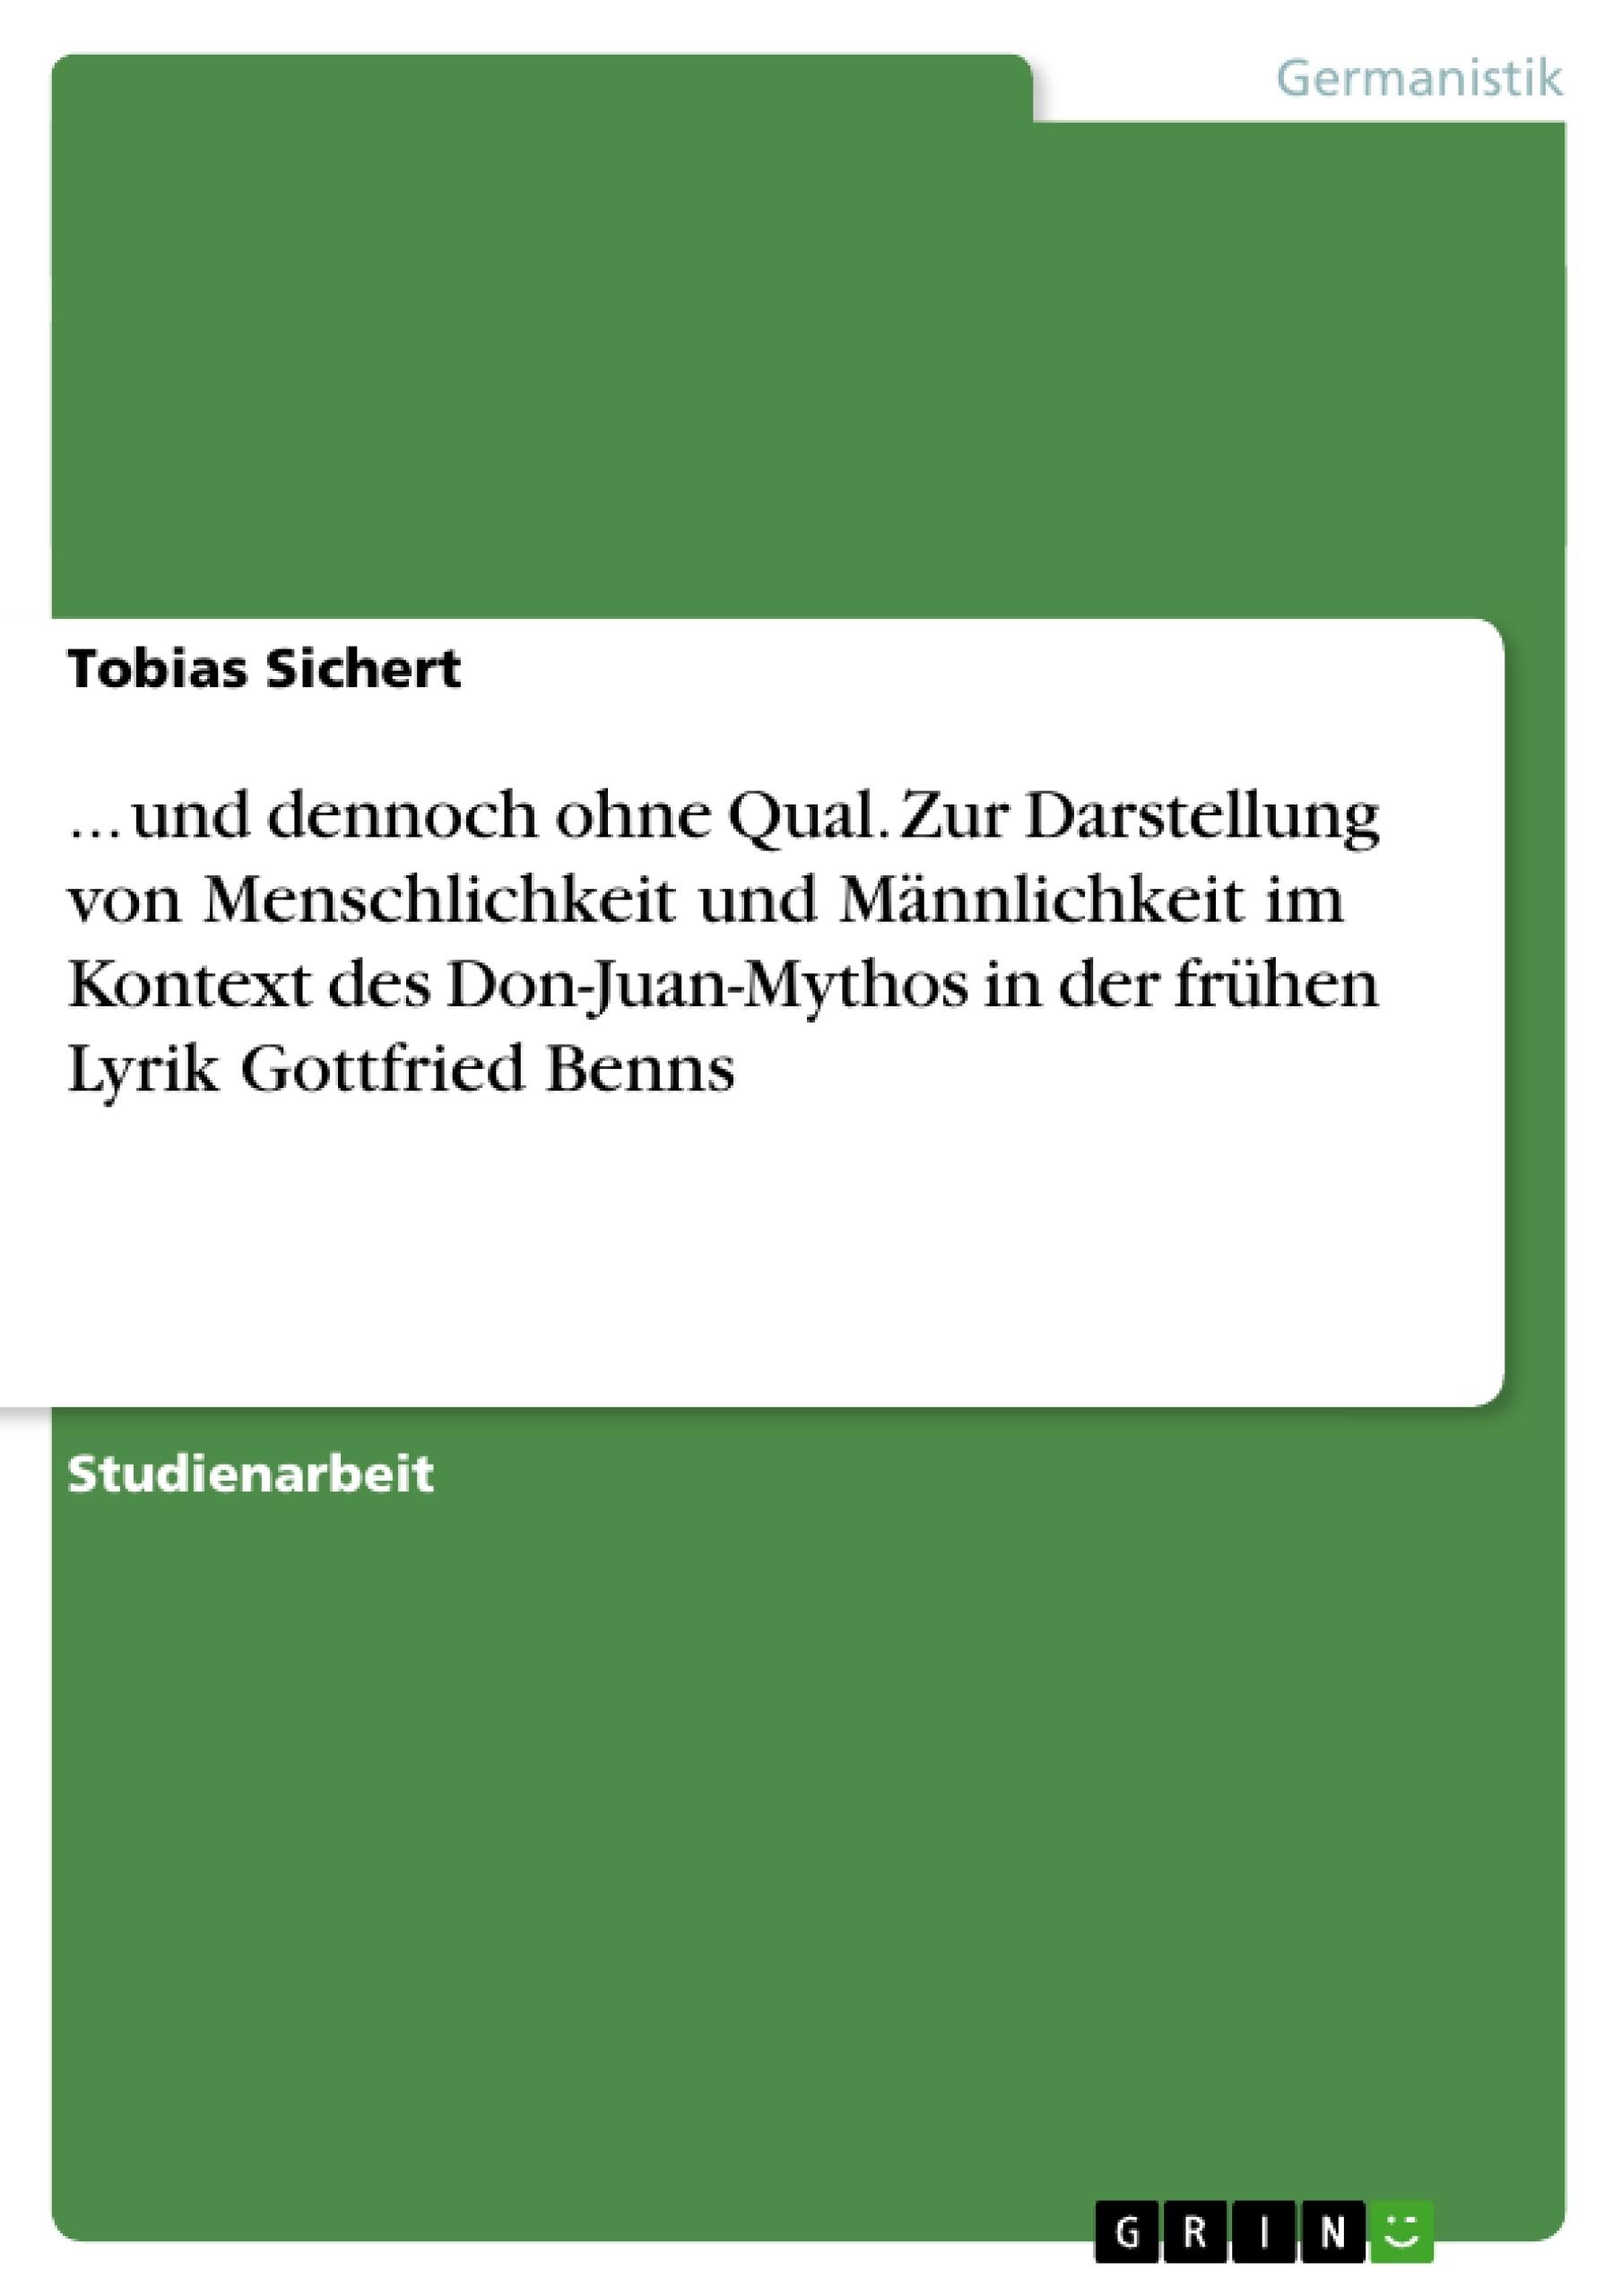 Titel: ... und dennoch ohne Qual. Zur Darstellung von Menschlichkeit und Männlichkeit im Kontext des Don-Juan-Mythos in der frühen Lyrik Gottfried Benns